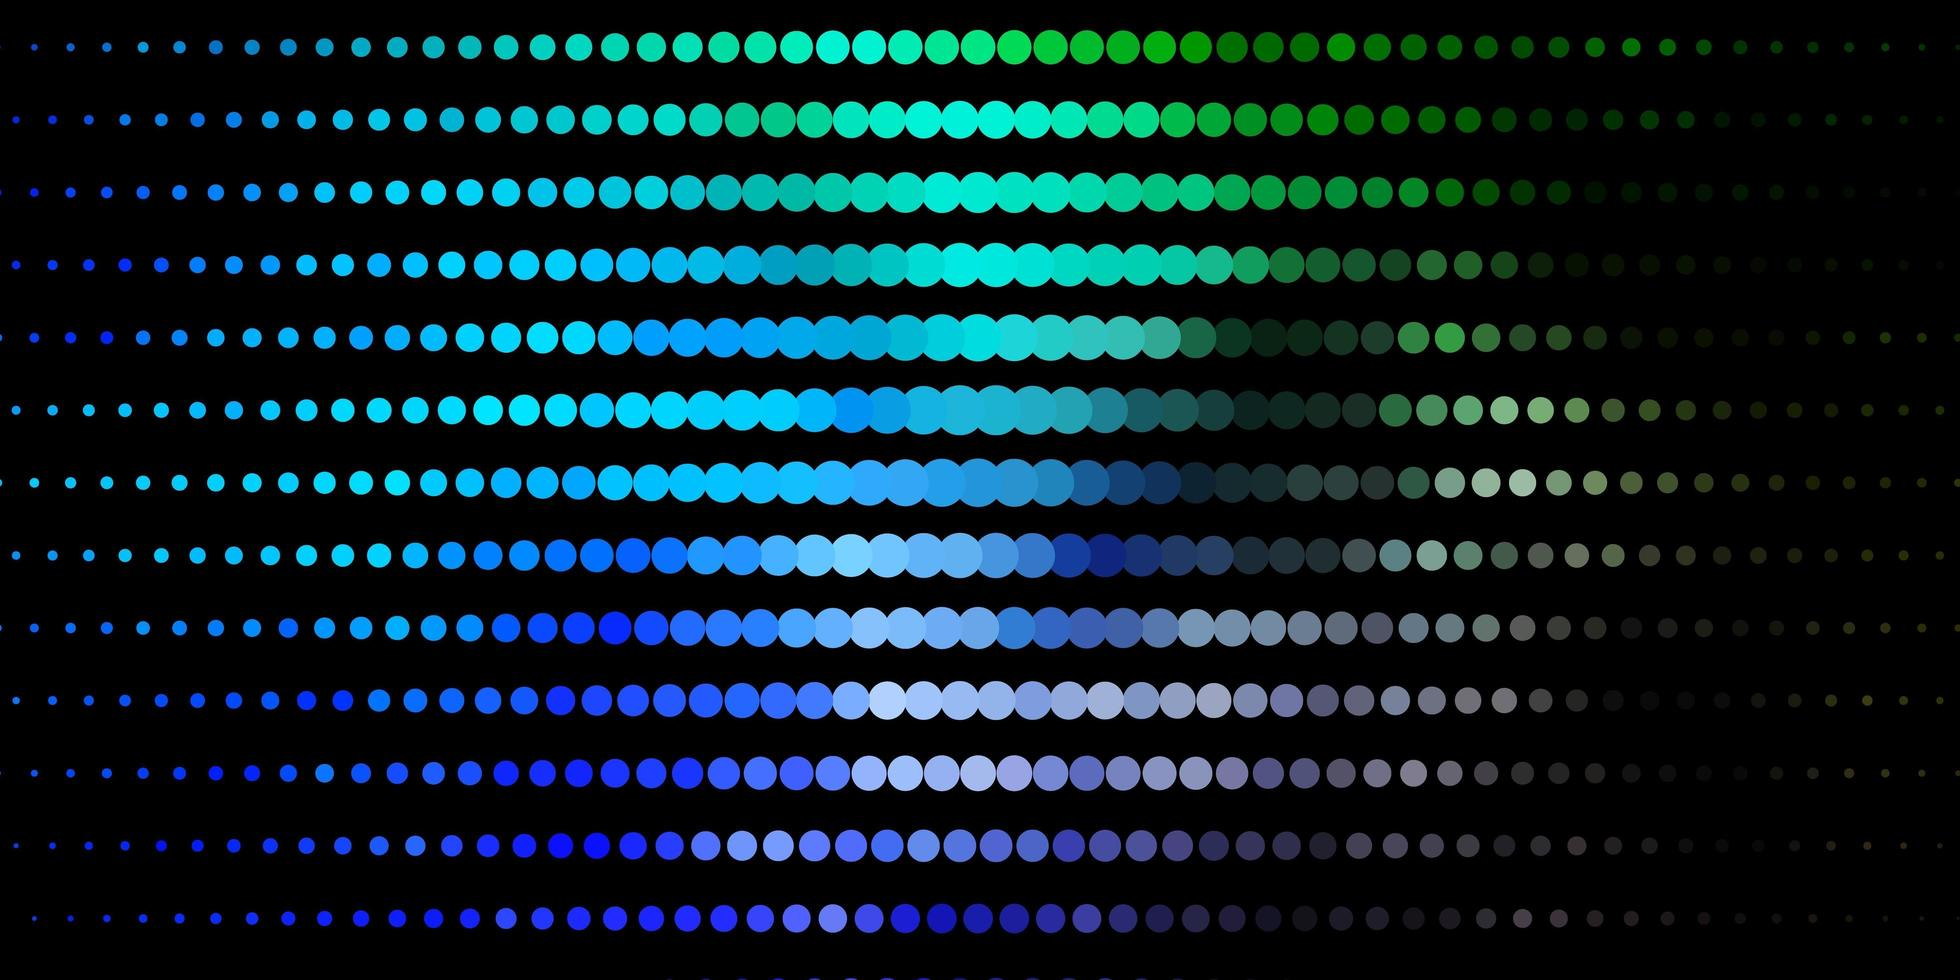 mörkblå, grön vektorlayout med cirkelformer. vektor